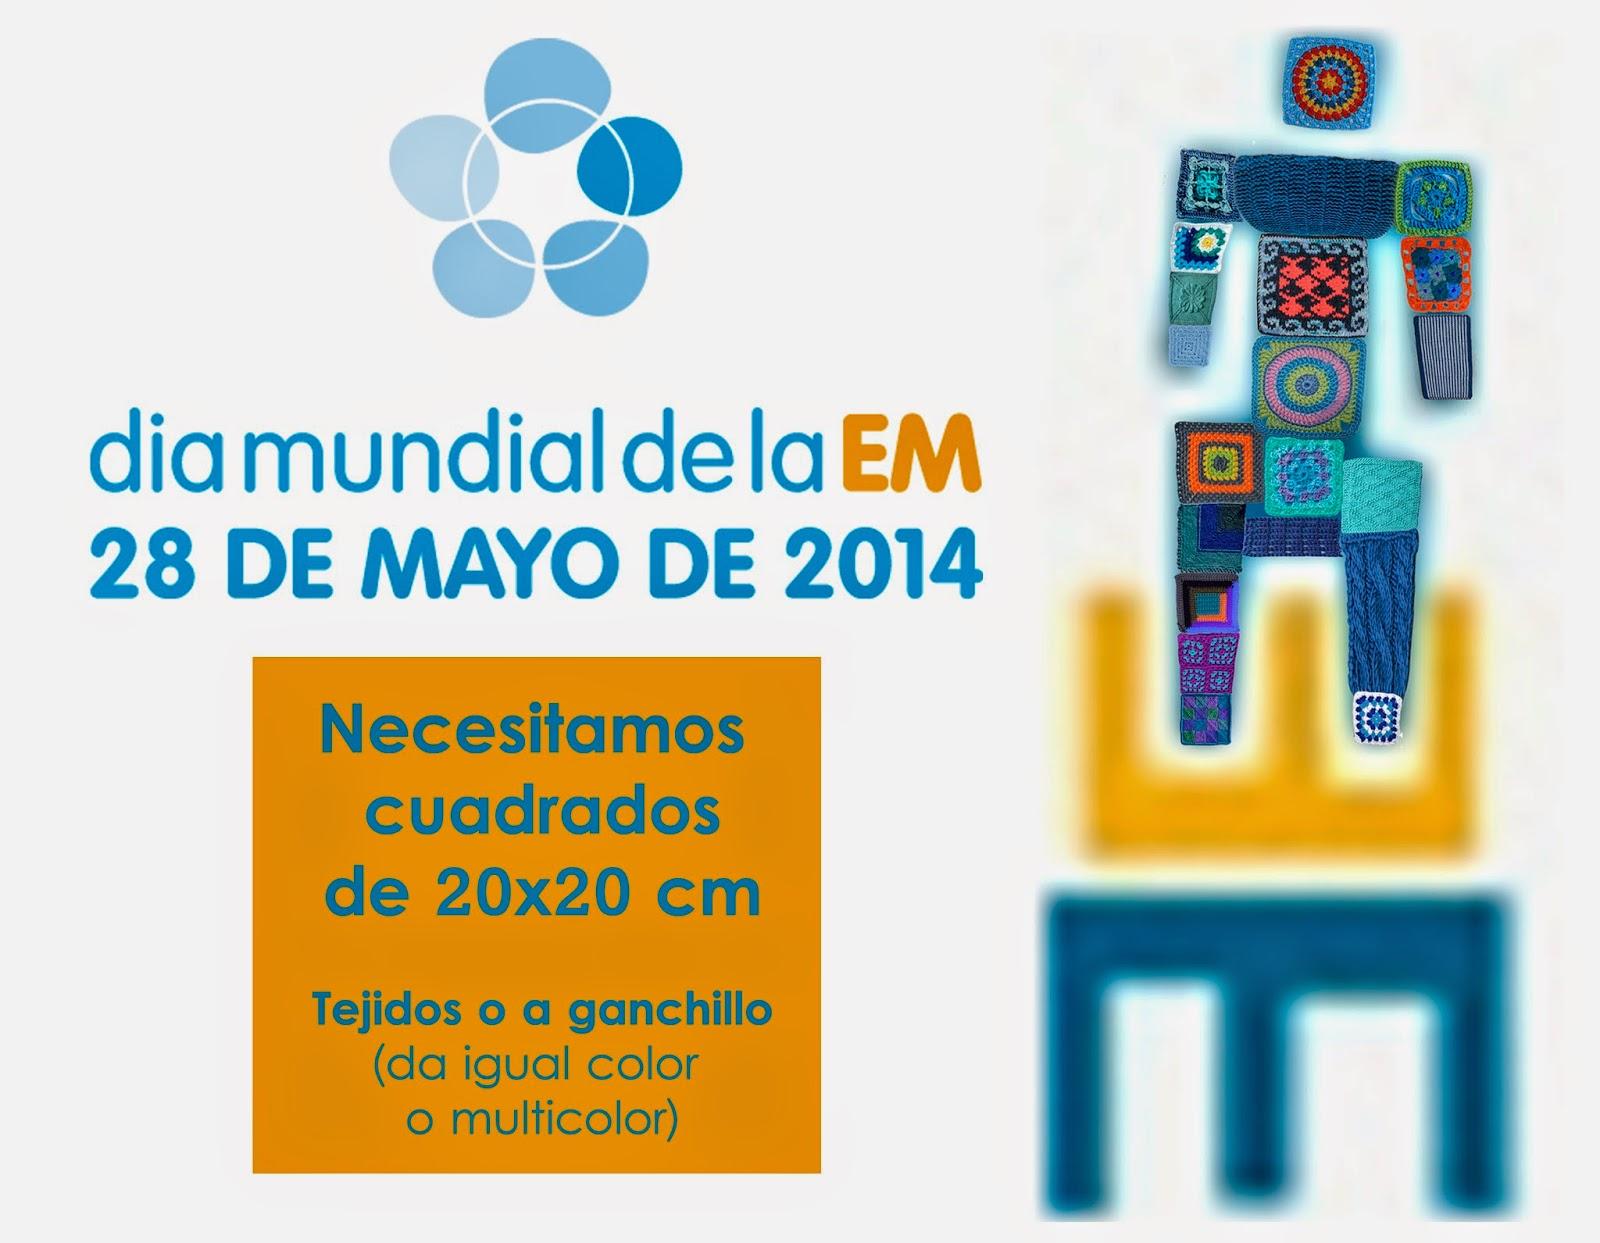 http://enpuntooaymedia.blogspot.com.es/2014/04/28-de-mayo-el-dia-mundial-de-la.html